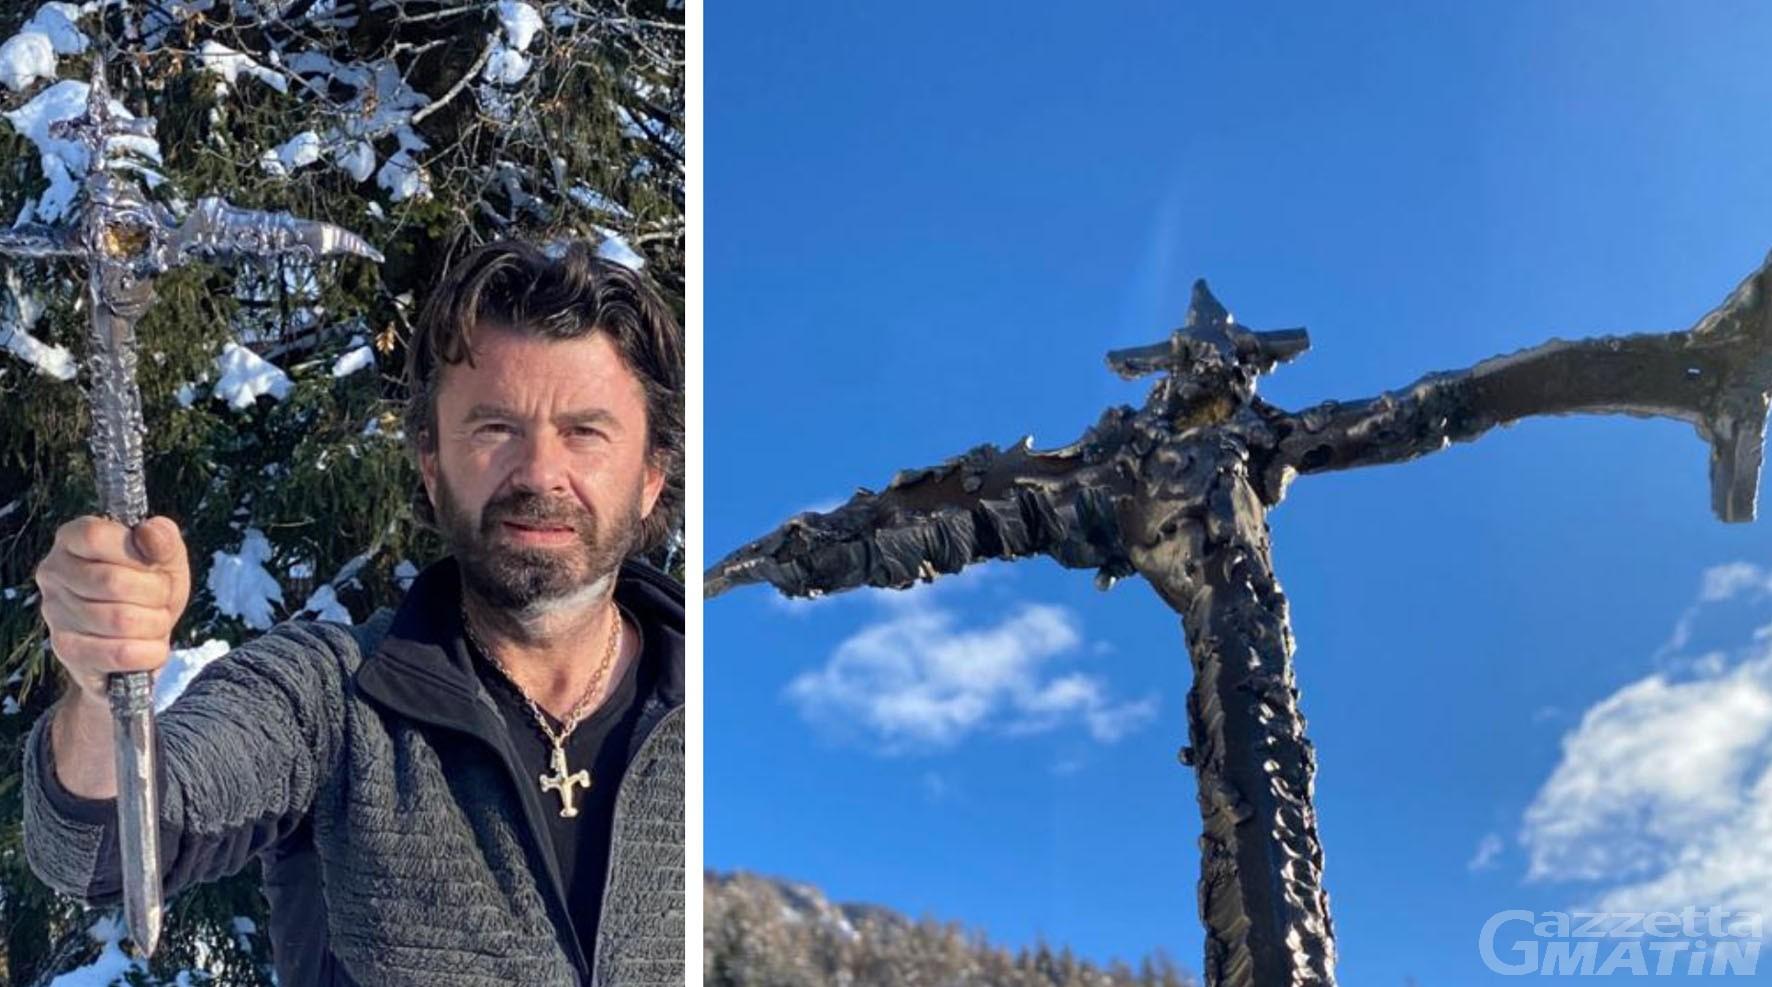 Gabriele Maquignaz forgia la piccozza della libertà dei popoli di montagna, monito per Conte